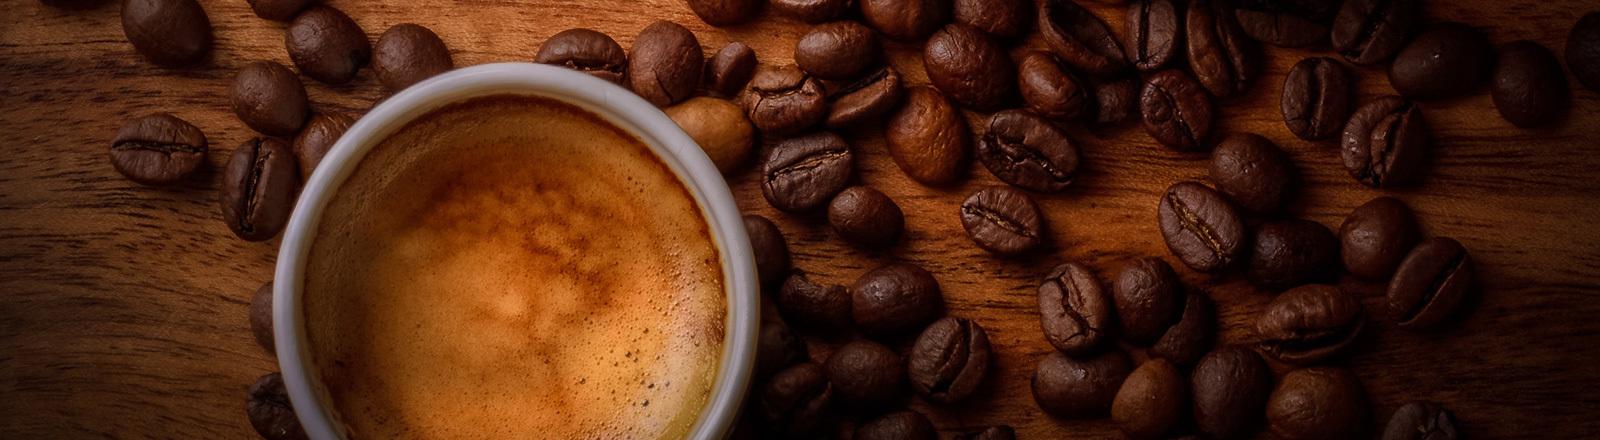 Eine Tasse Espresso von oben fotografiert. Auf dem Holztisch liegen noch Kaffeebohnen.